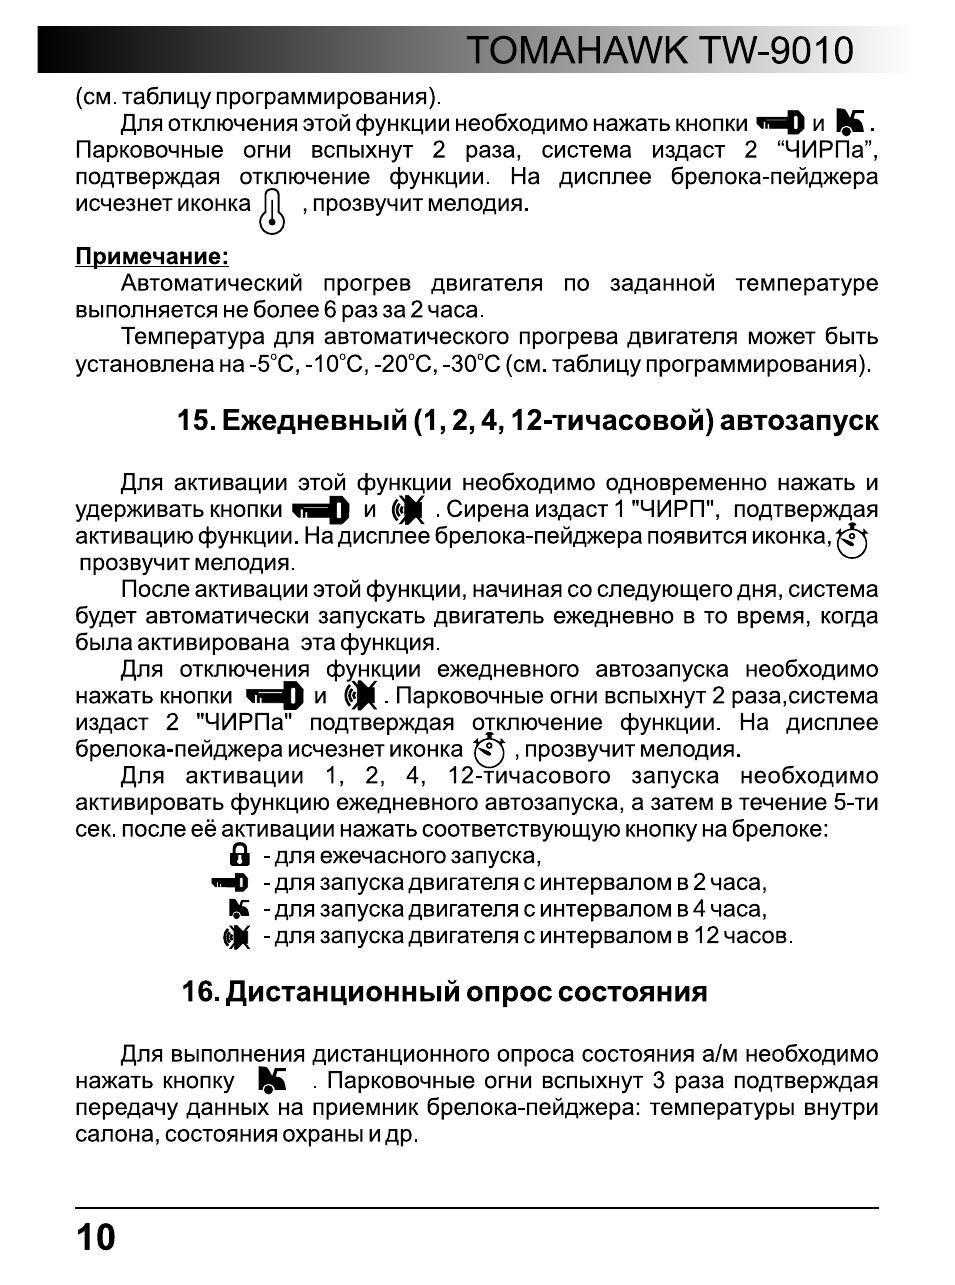 Примечание, Ежедневный (1,2,4,12-тичасовой) автозапуск, Дистанционный опрос состояния